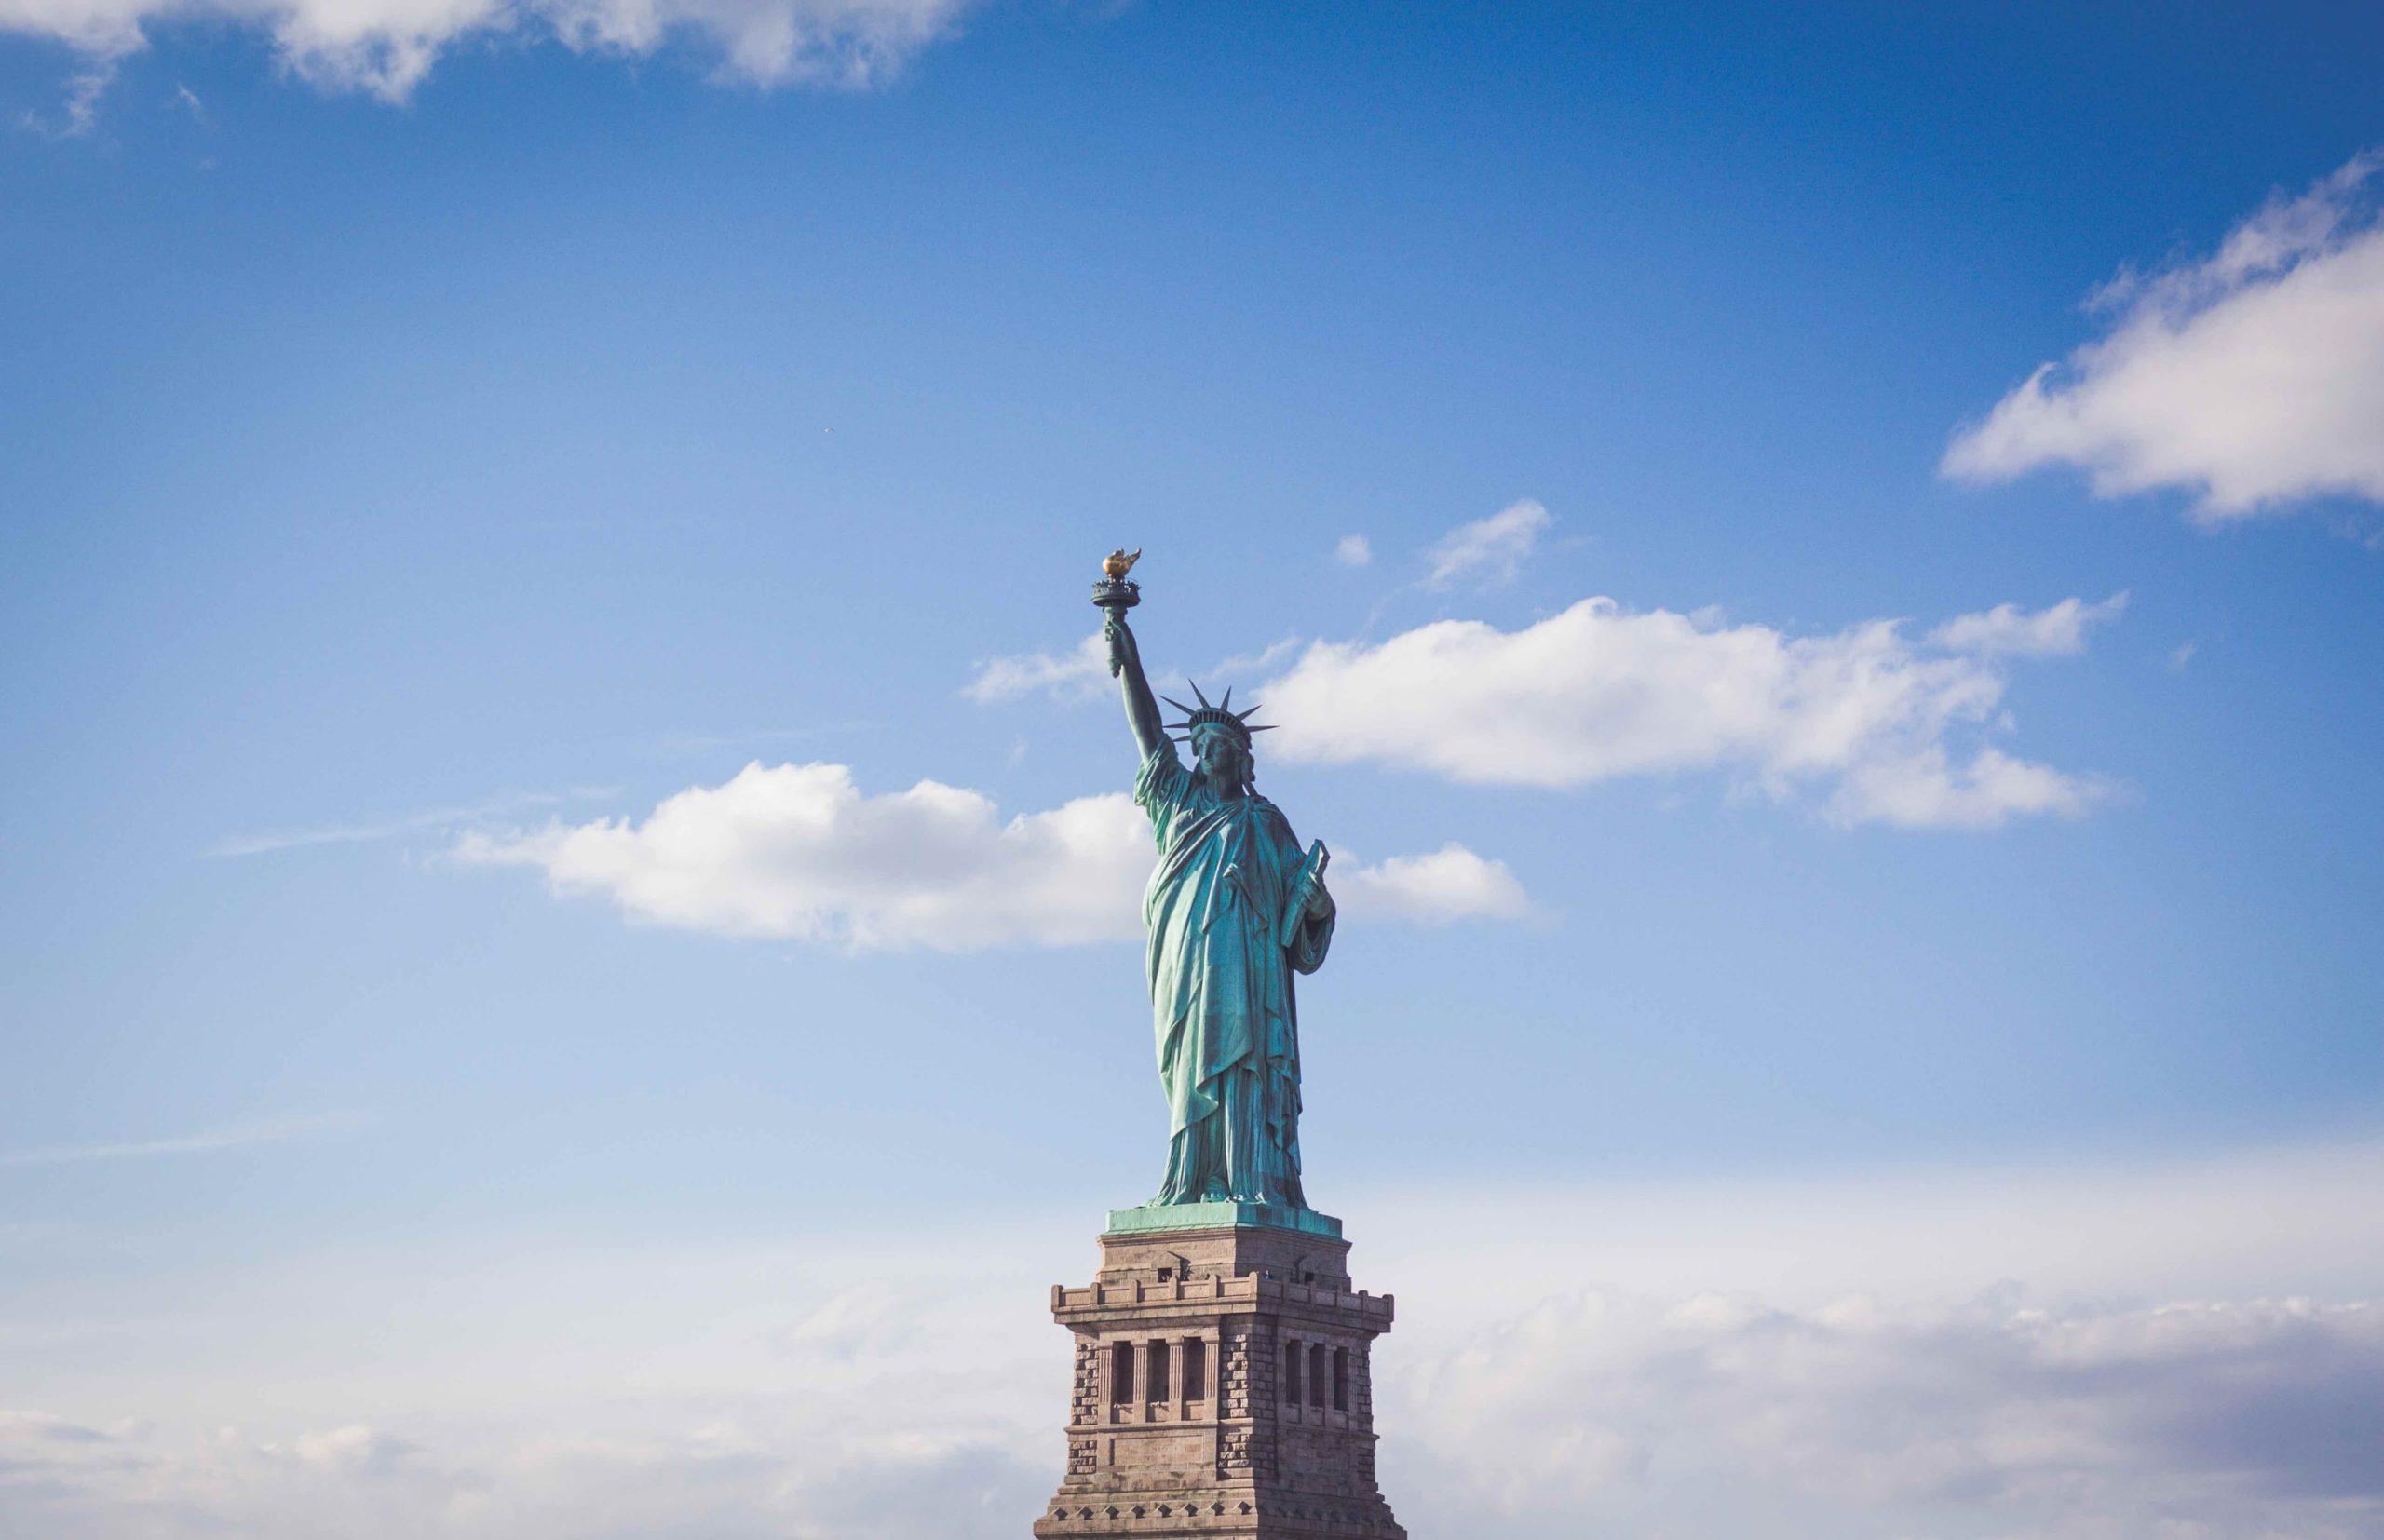 Die Freiheitsstatue - Symbol für die USA